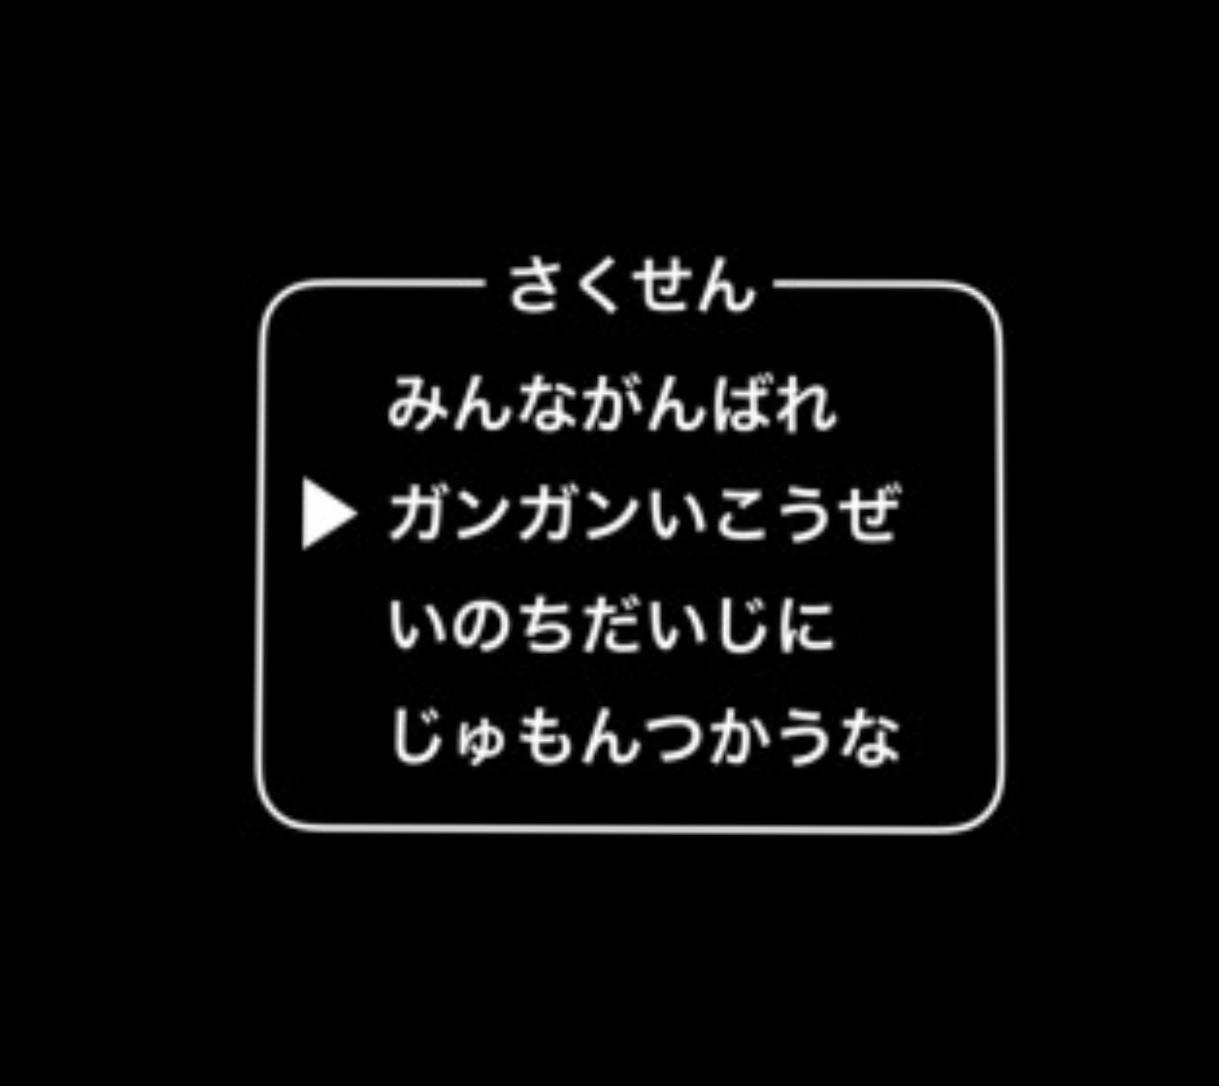 メモ【がんばりかた】_f0115311_01593068.jpeg